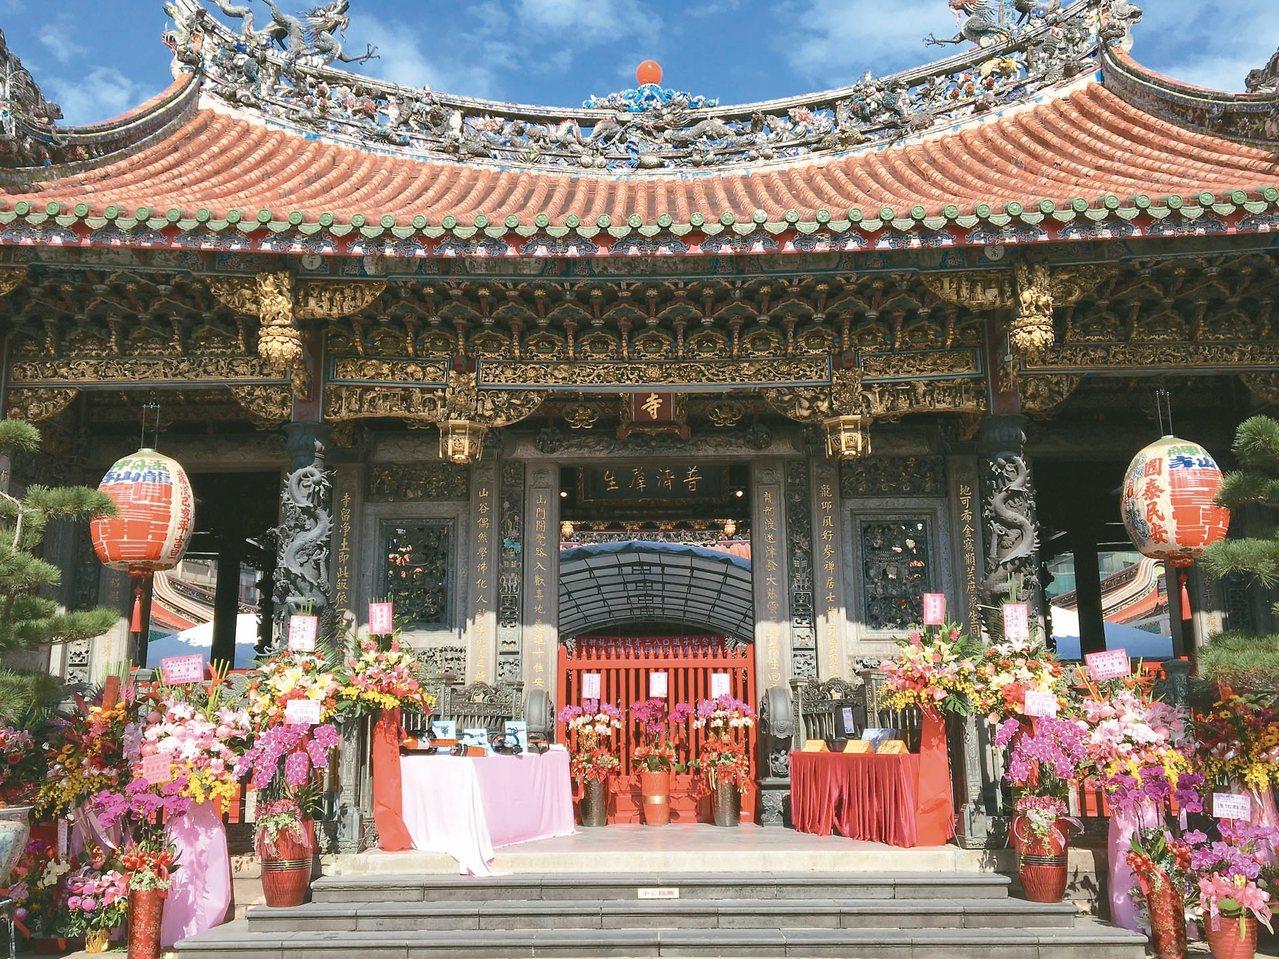 香火鼎盛的龍山寺是銀髮族喜歡的地方。 記者郭頤/攝影